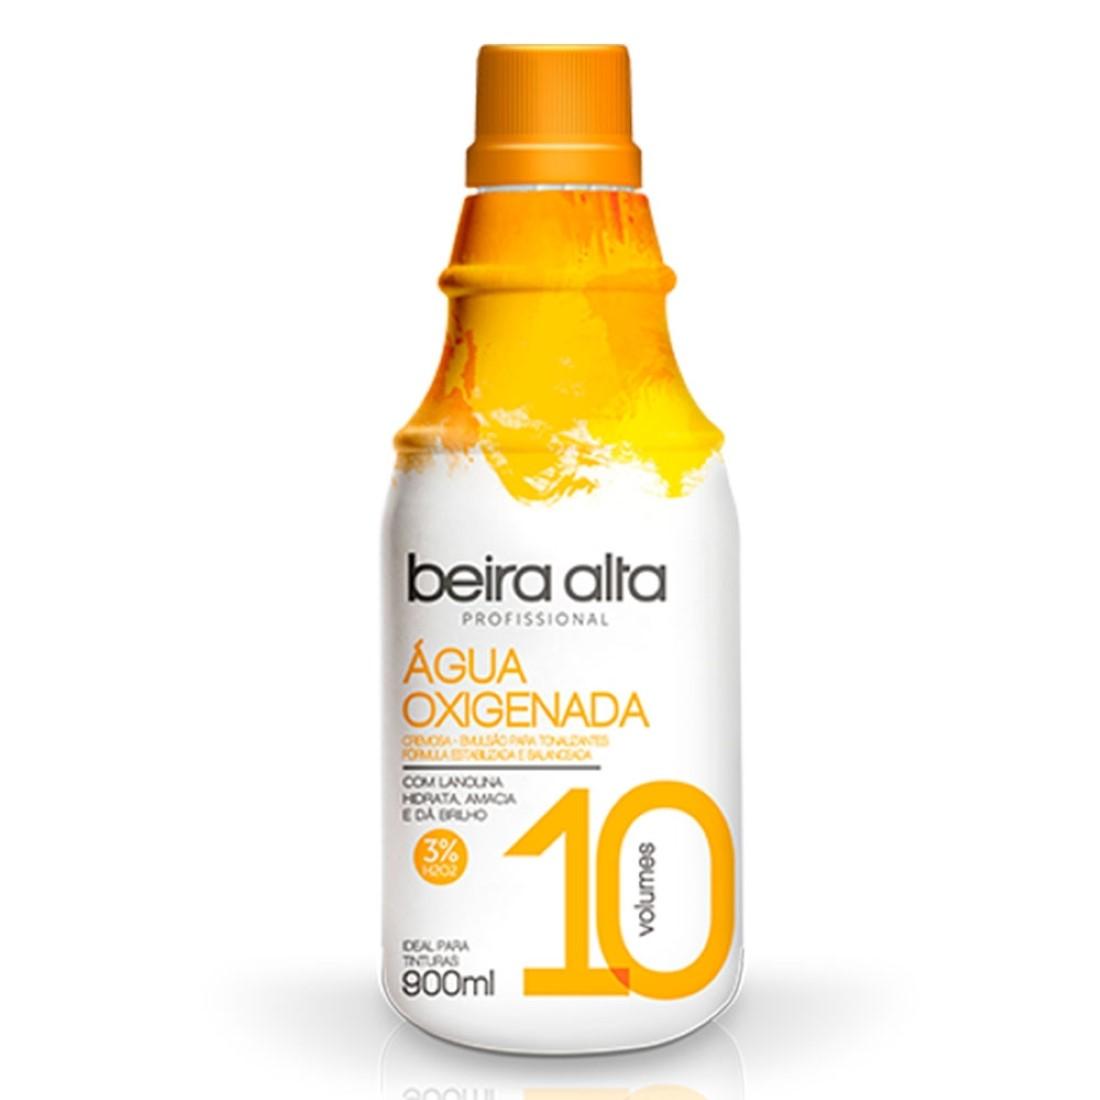 Agua Oxigenada 10 Volumes 900 ml - Beira Alta